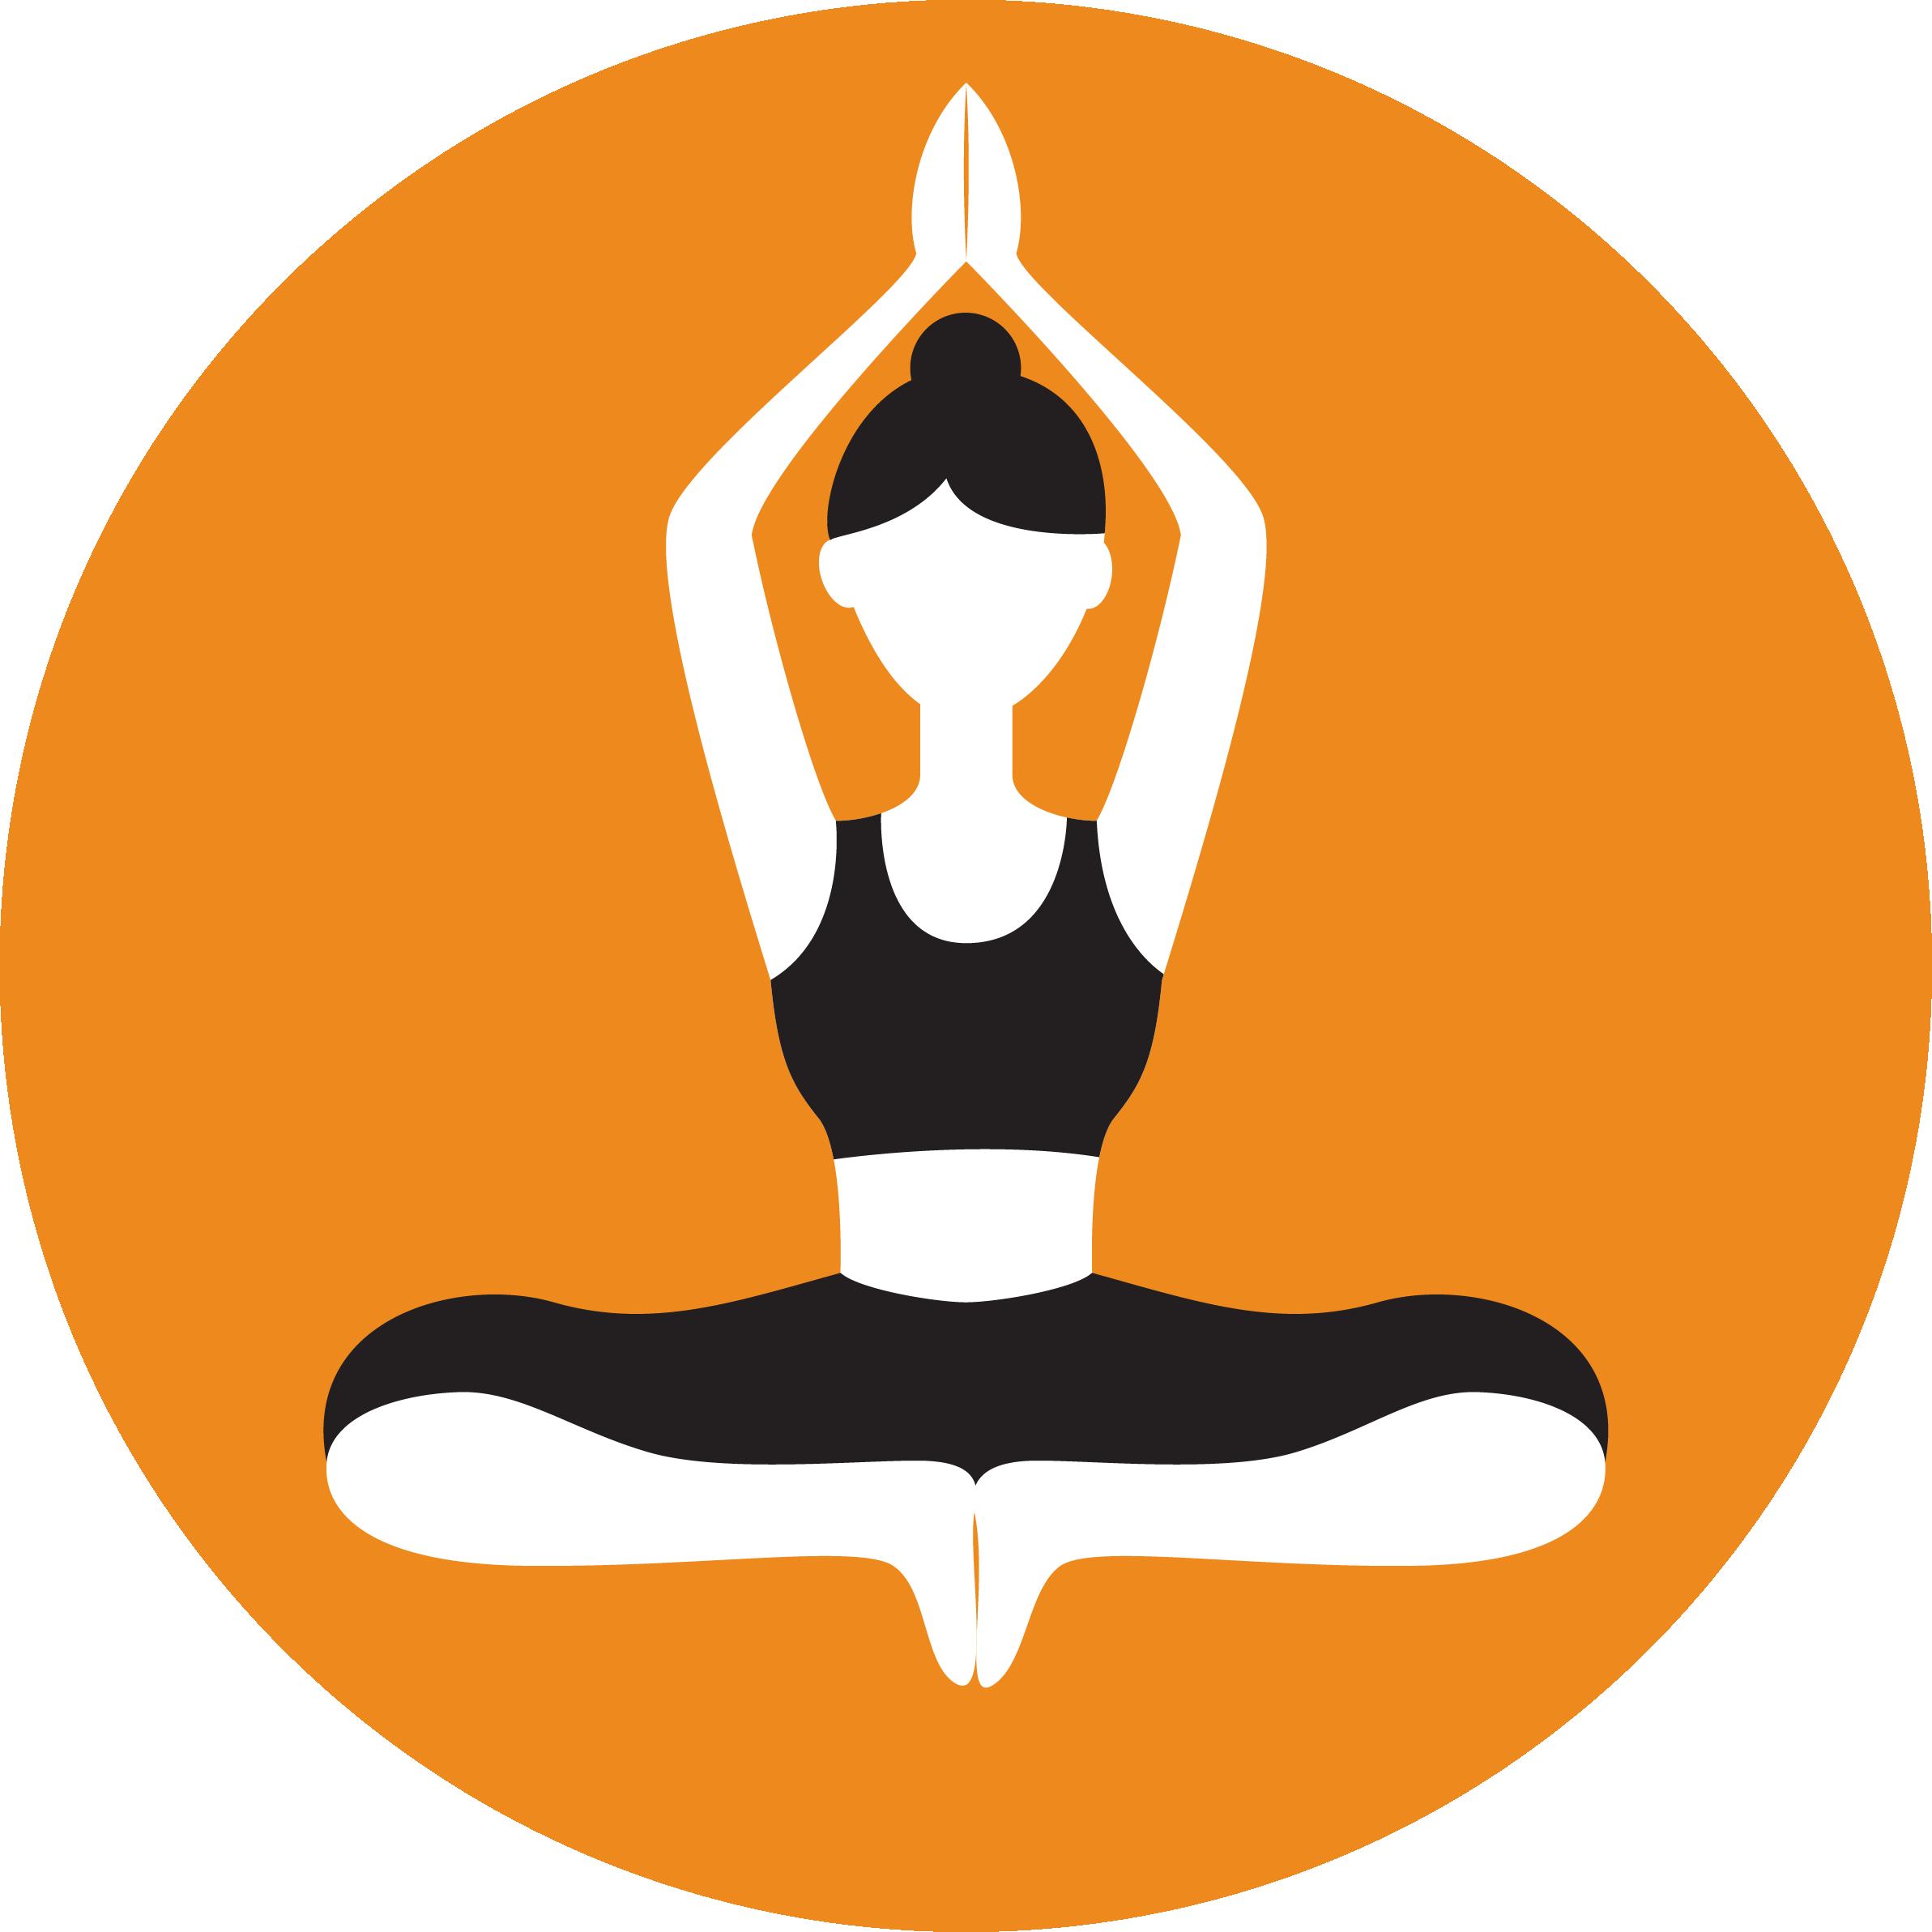 SJ_Icon_Private_Yoga_Orange